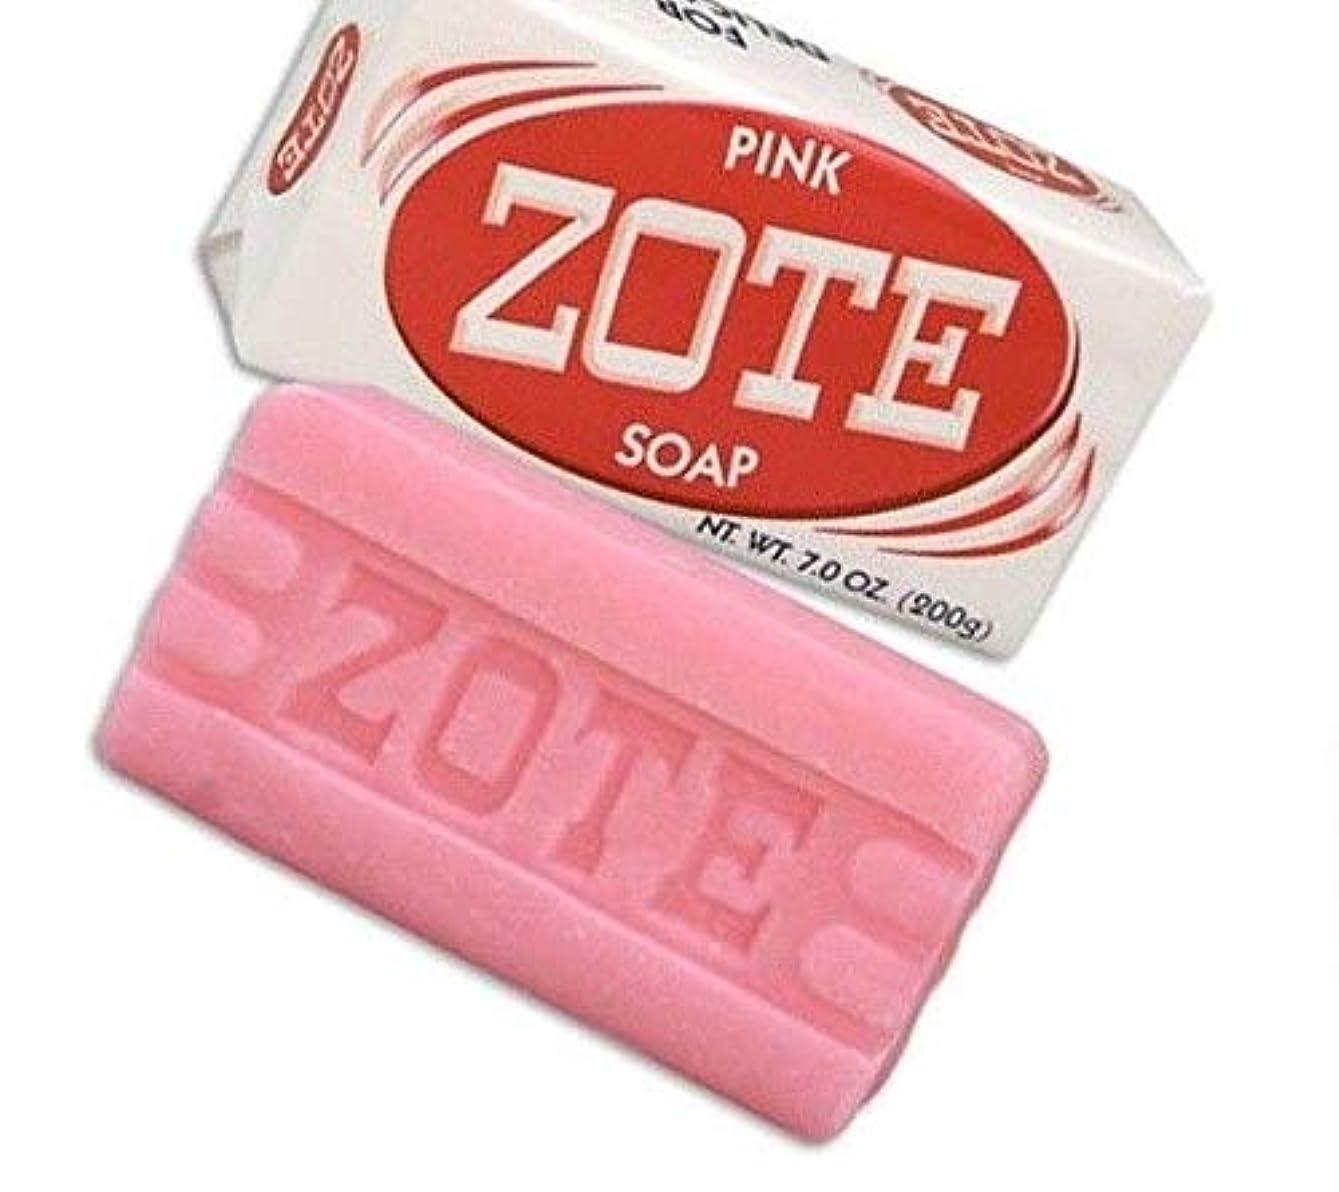 失効肺エンジニアZote Laundry Soap Bar - Pink 7oz by Zote [並行輸入品]